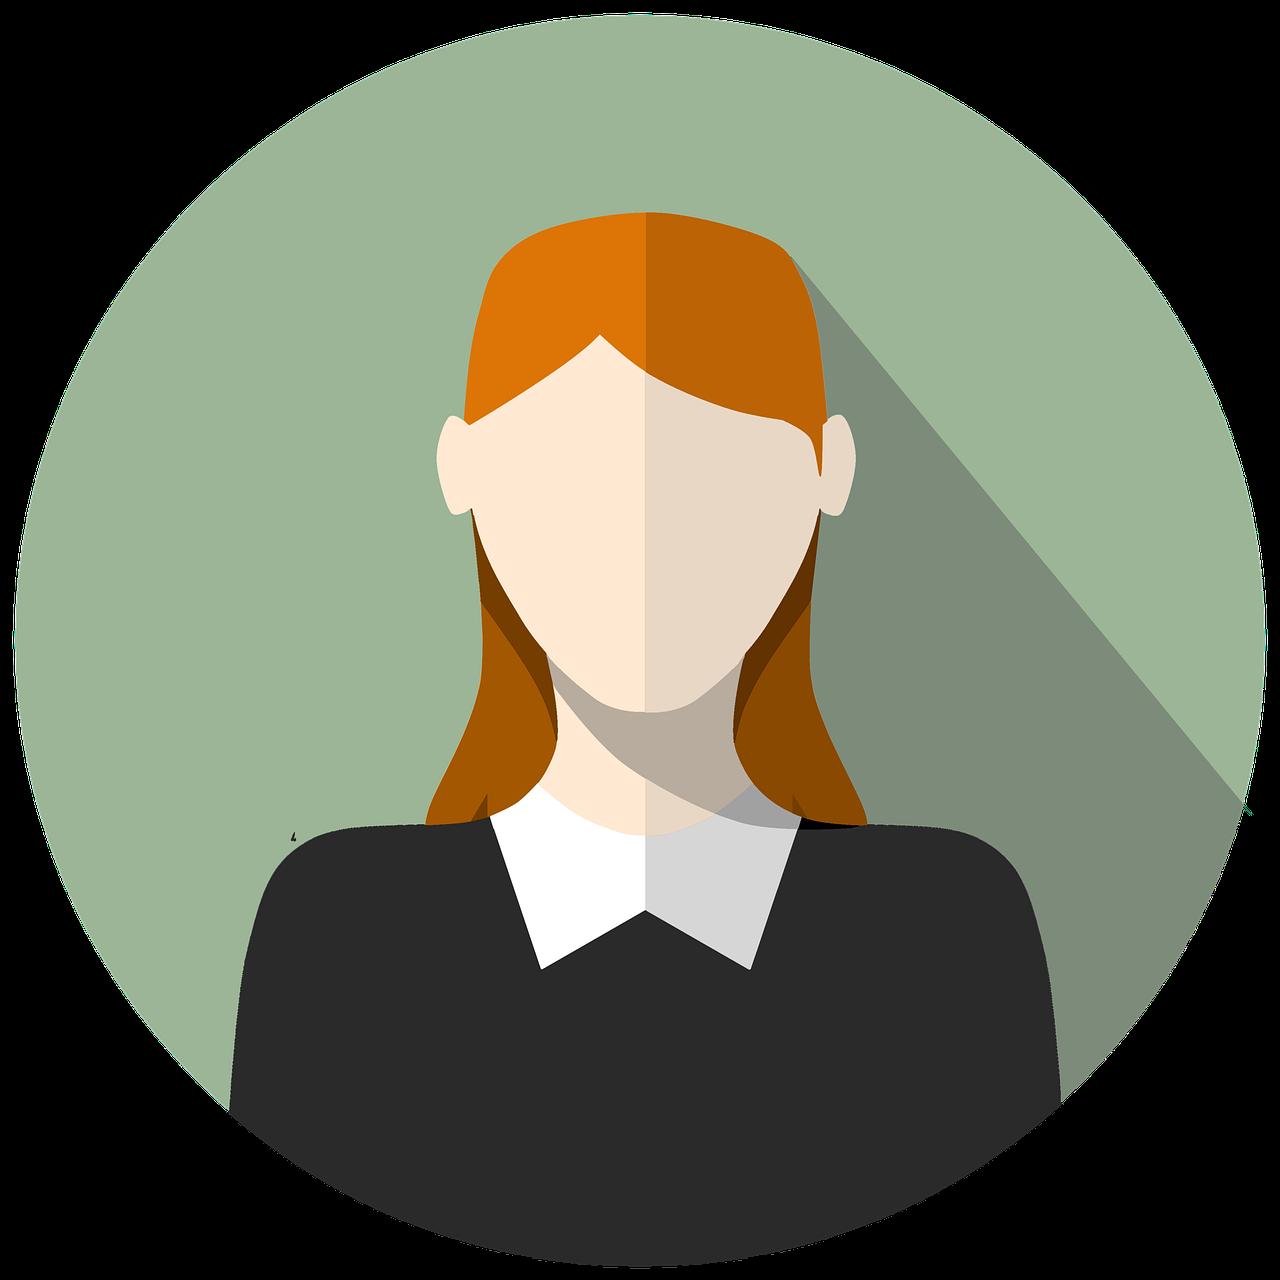 Icon Girl Avatar - Free image on Pixabay